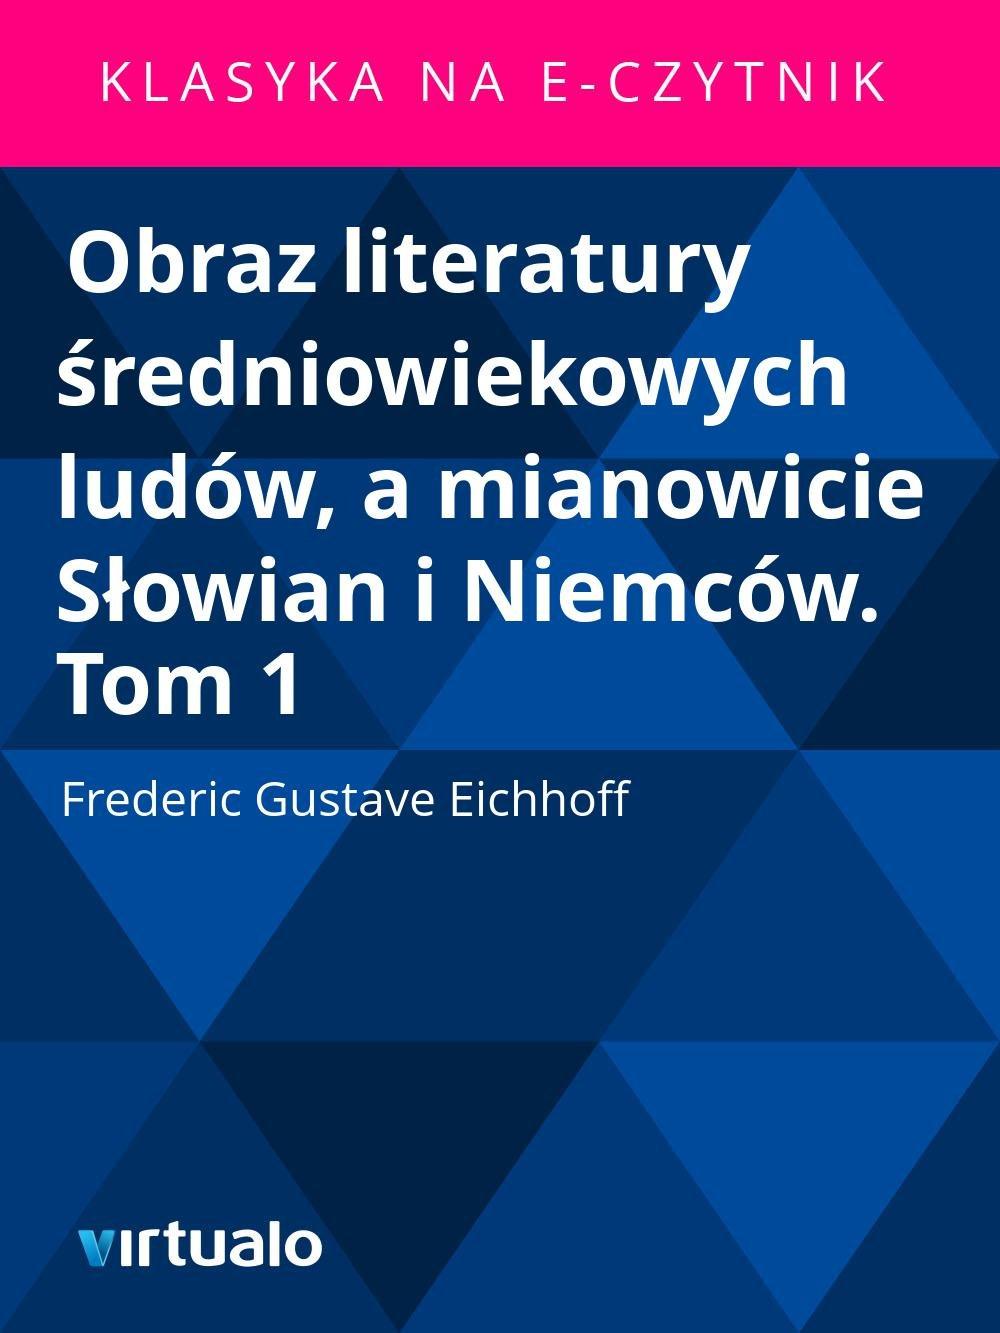 Obraz literatury średniowiekowych ludów, a mianowicie Słowian i Niemców. Tom 1 - Ebook (Książka EPUB) do pobrania w formacie EPUB